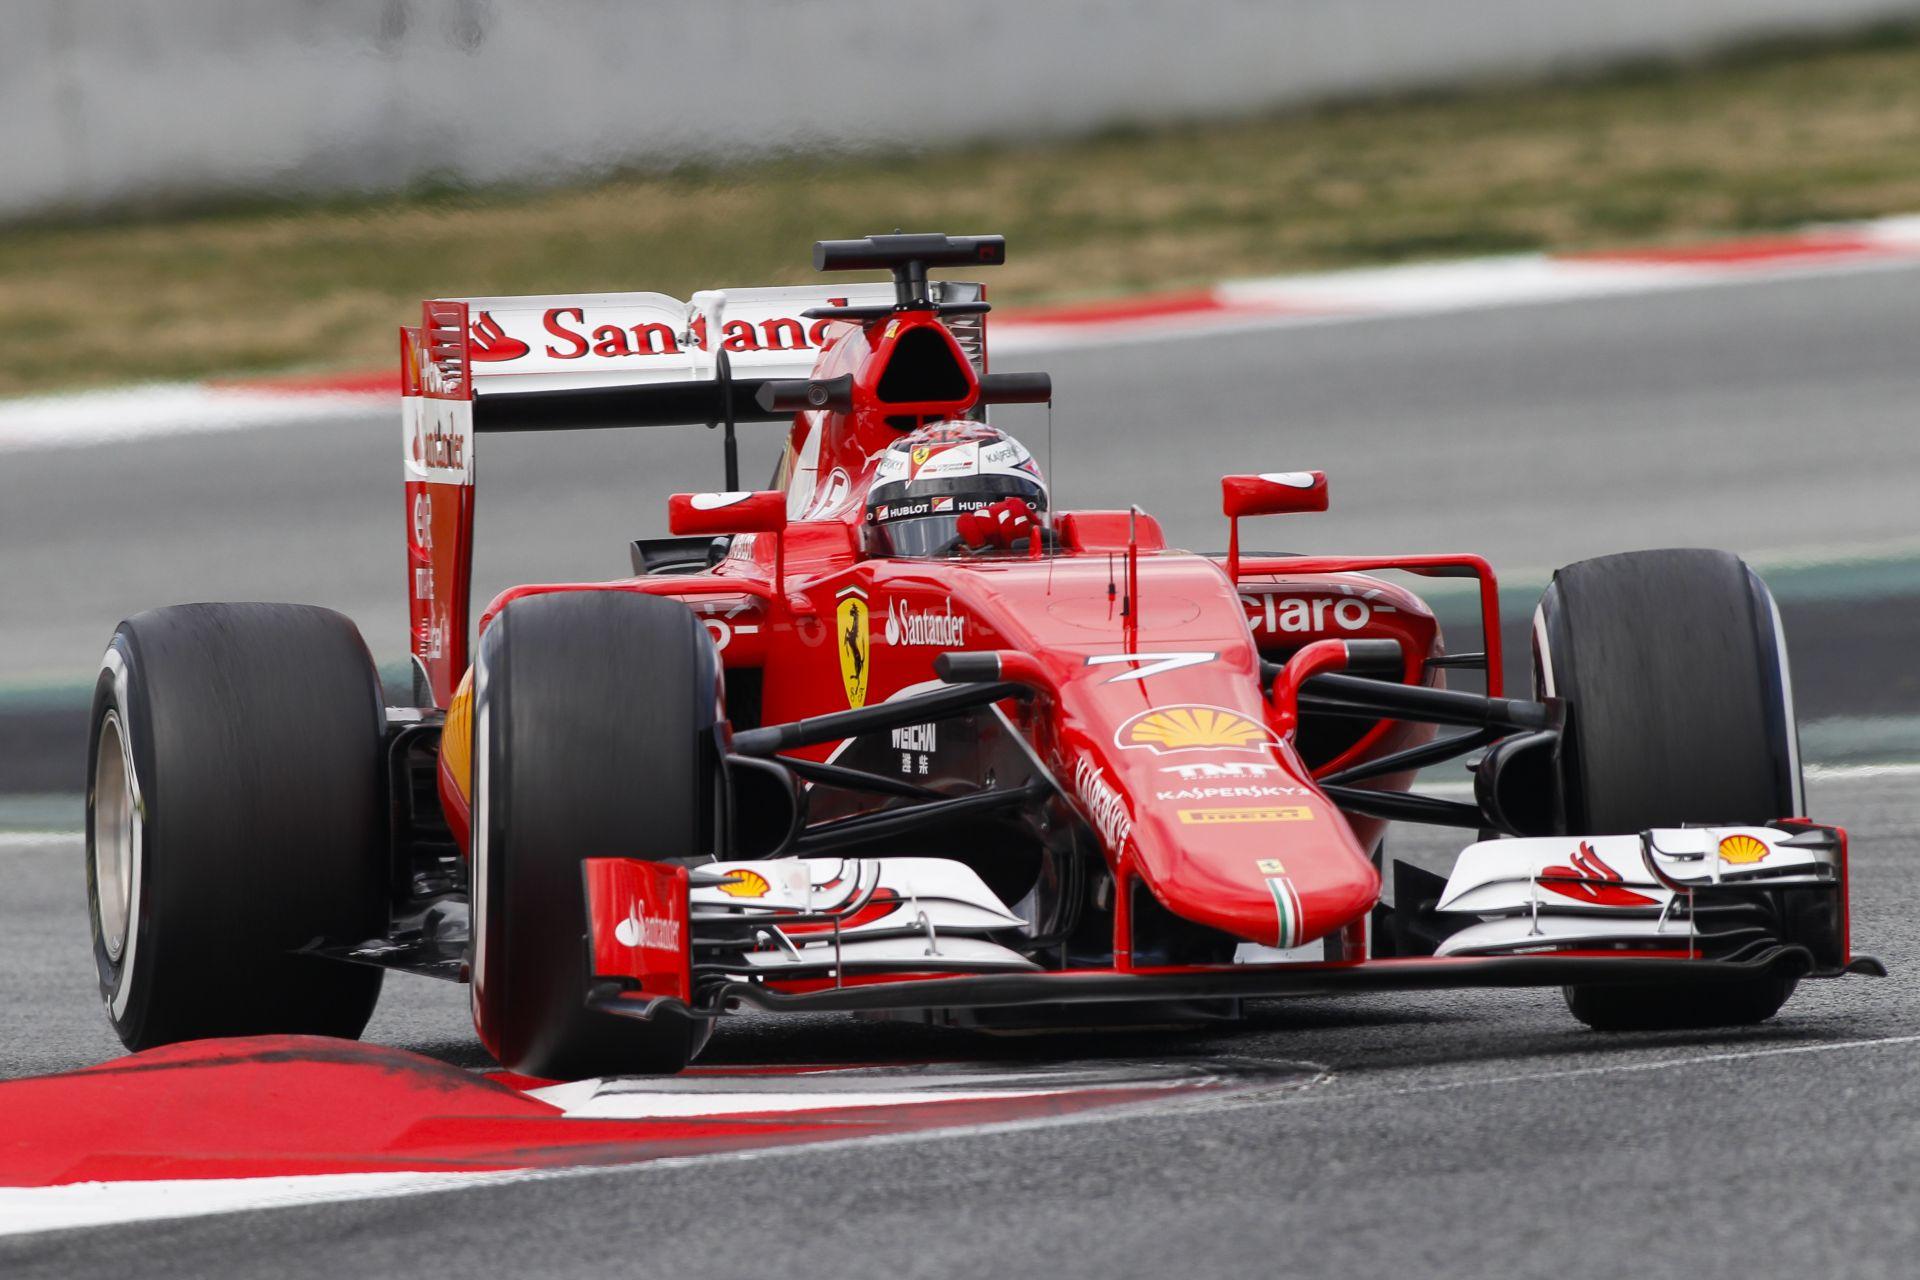 Levezető kör: Kezdődik a Forma-1, de a Mercedes-dominancia tönkreteszi a szezont? Legalább a Ferrari gyors lesz…?